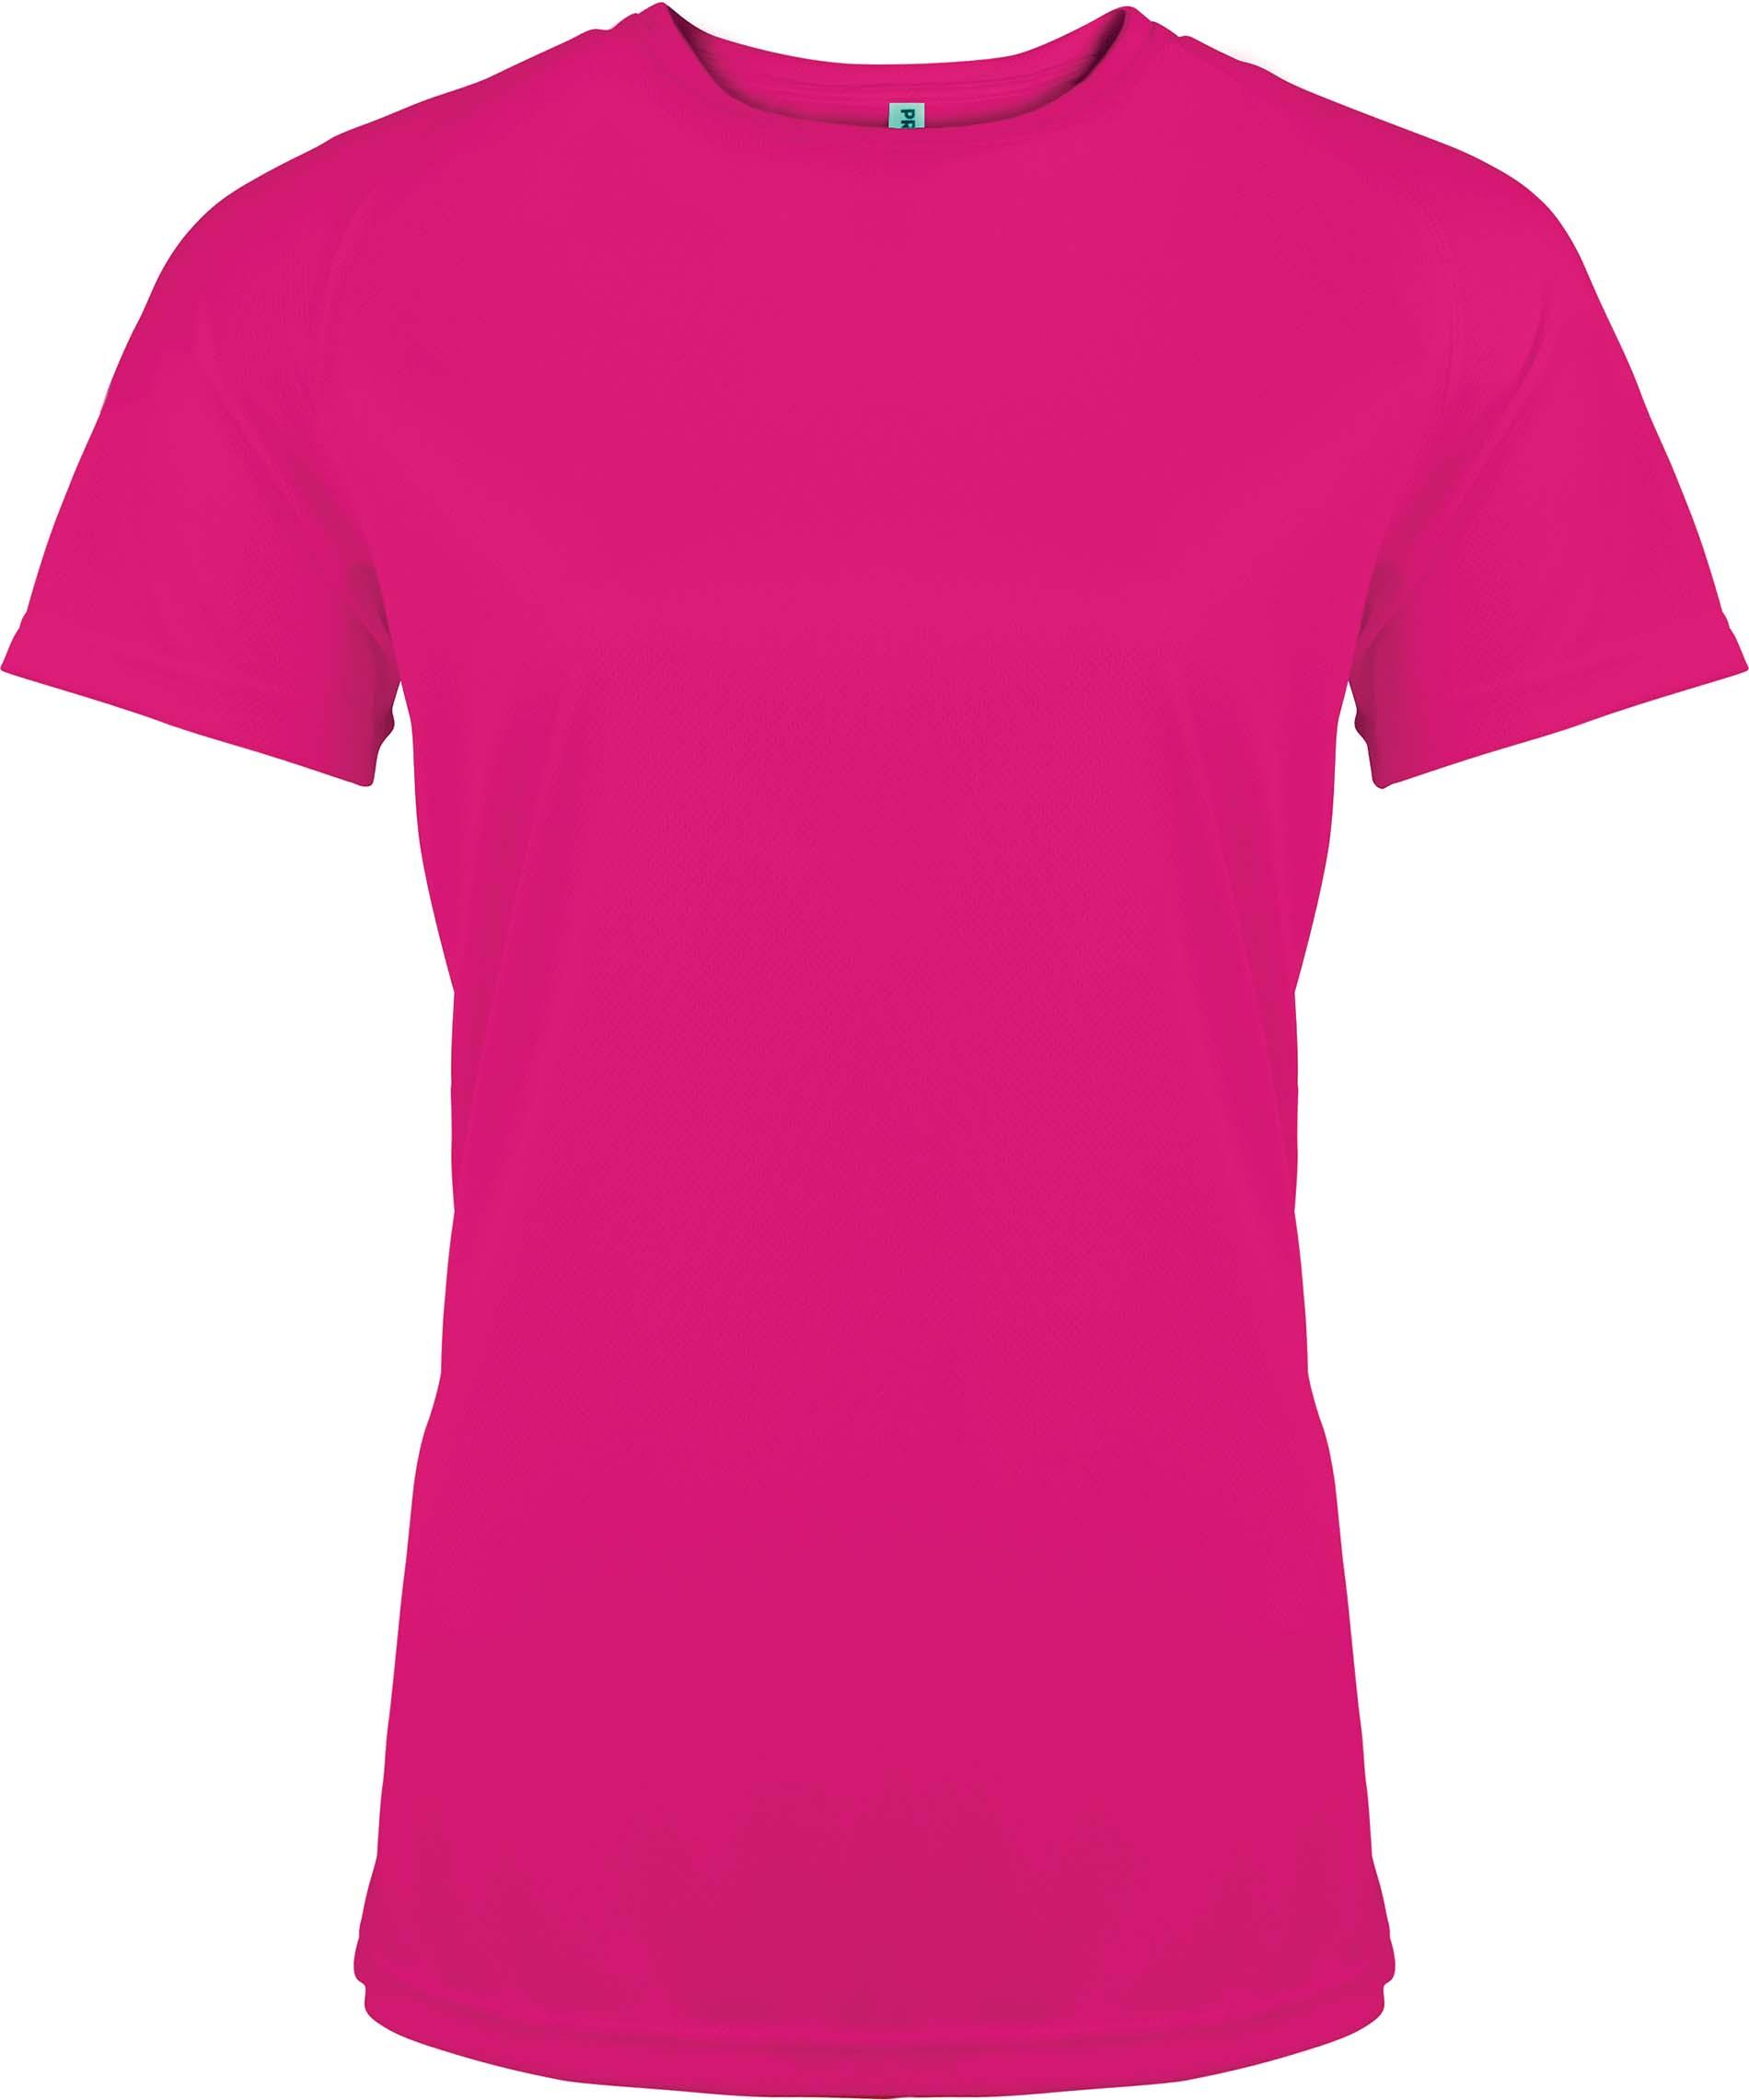 Naisten tekninen T-paita PA439  Fuksia